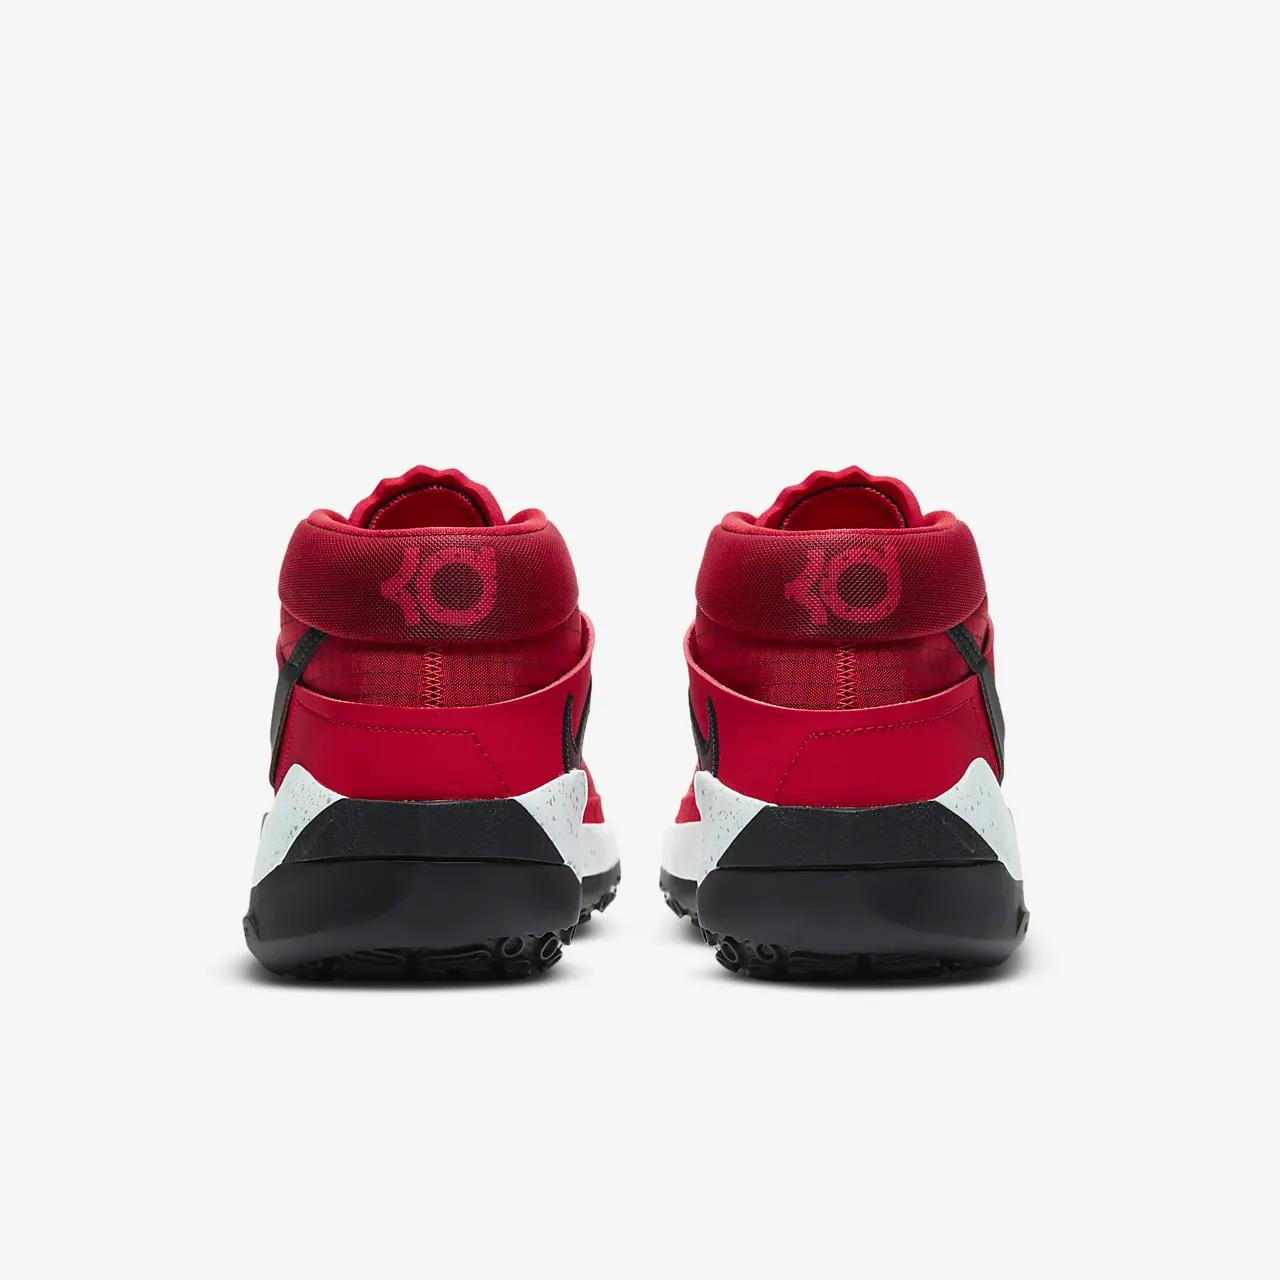 KD13 (Team) Basketball Shoe CK6017-600